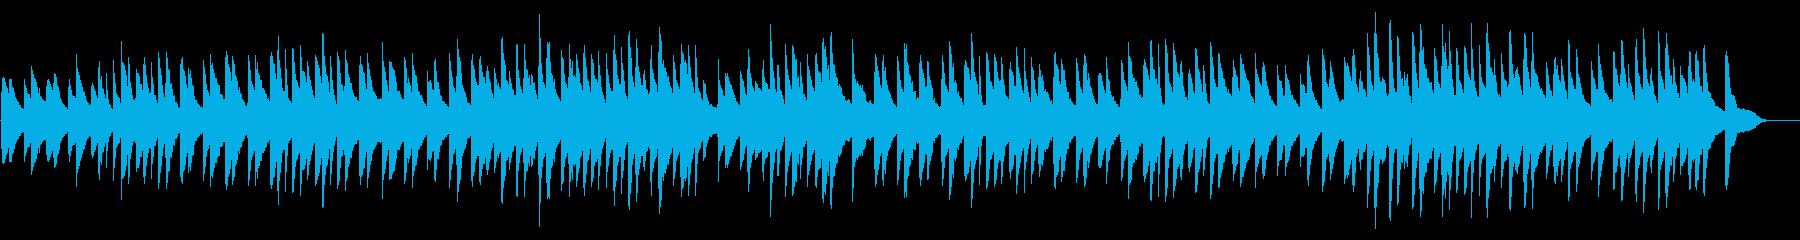 ★サティ★ジムノペディ第1番★ピアノ★Hの再生済みの波形